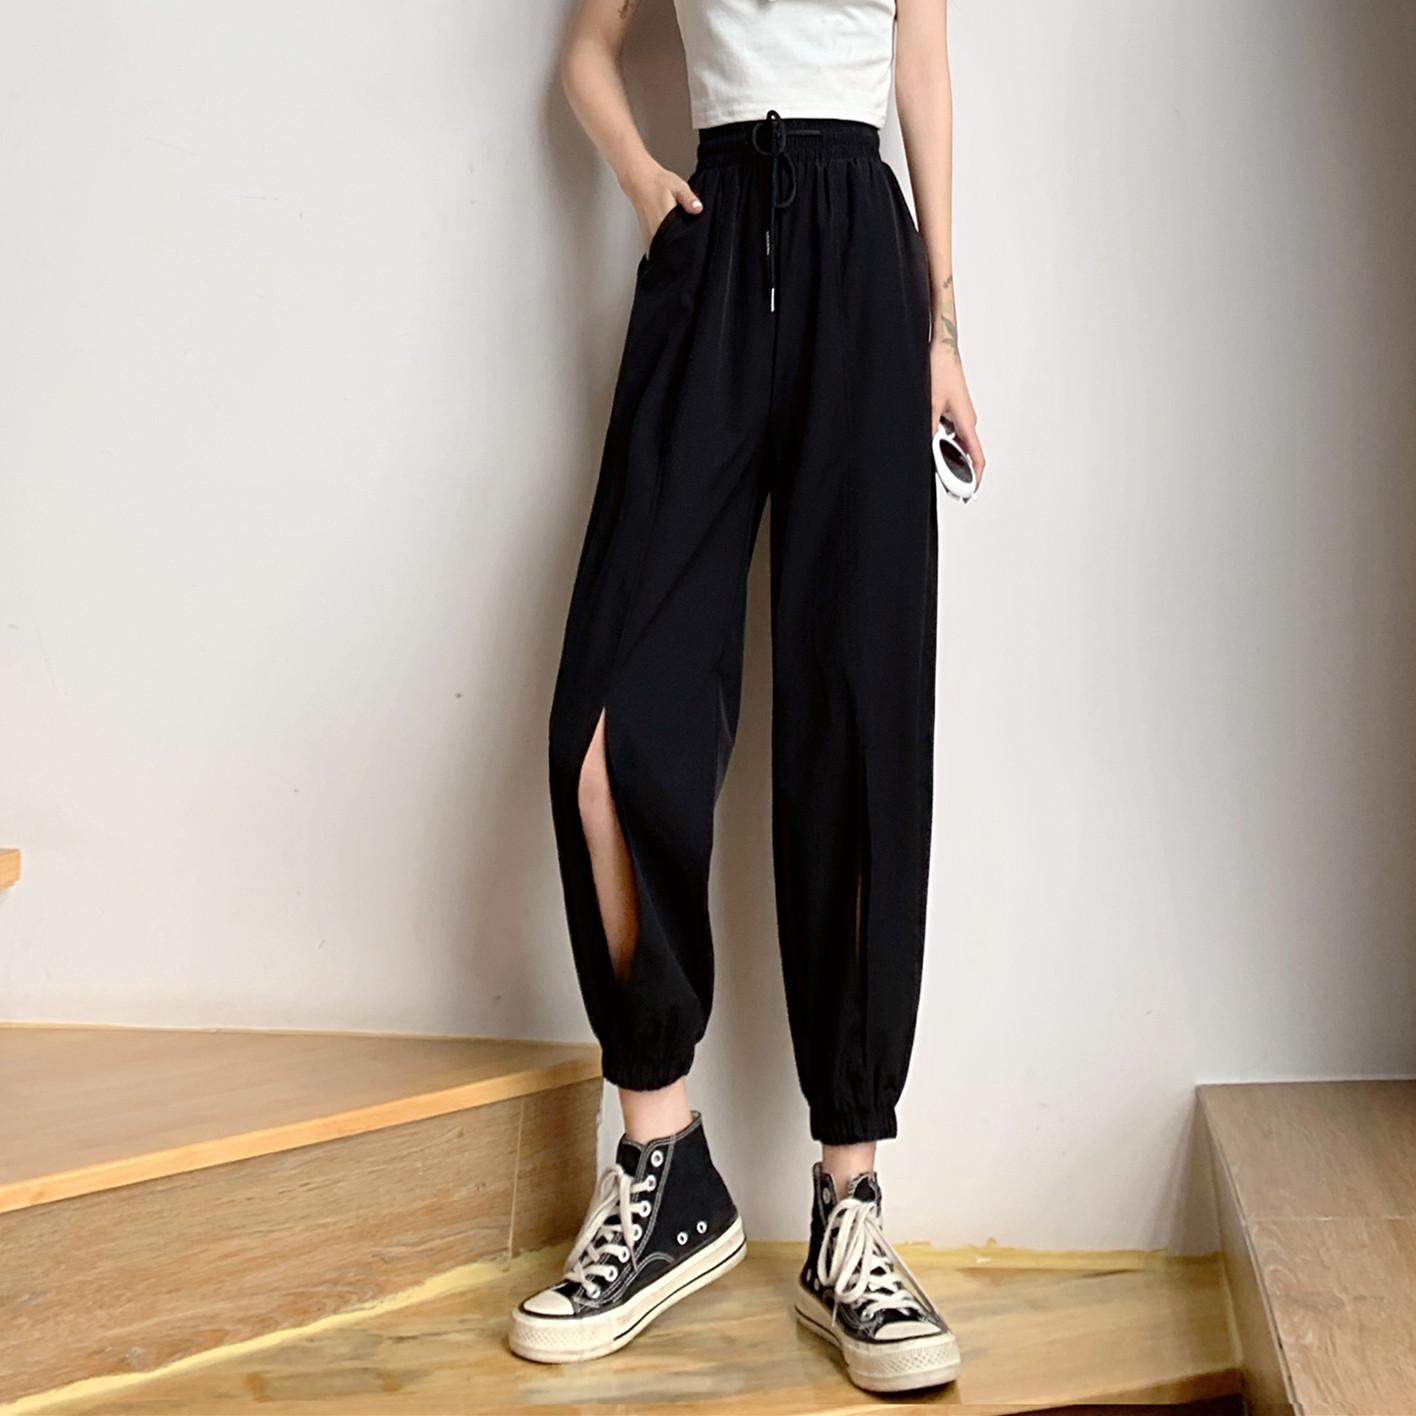 夏季韩版2020新款薄款高腰显瘦设计感开叉运动风九分休闲裤女裤子